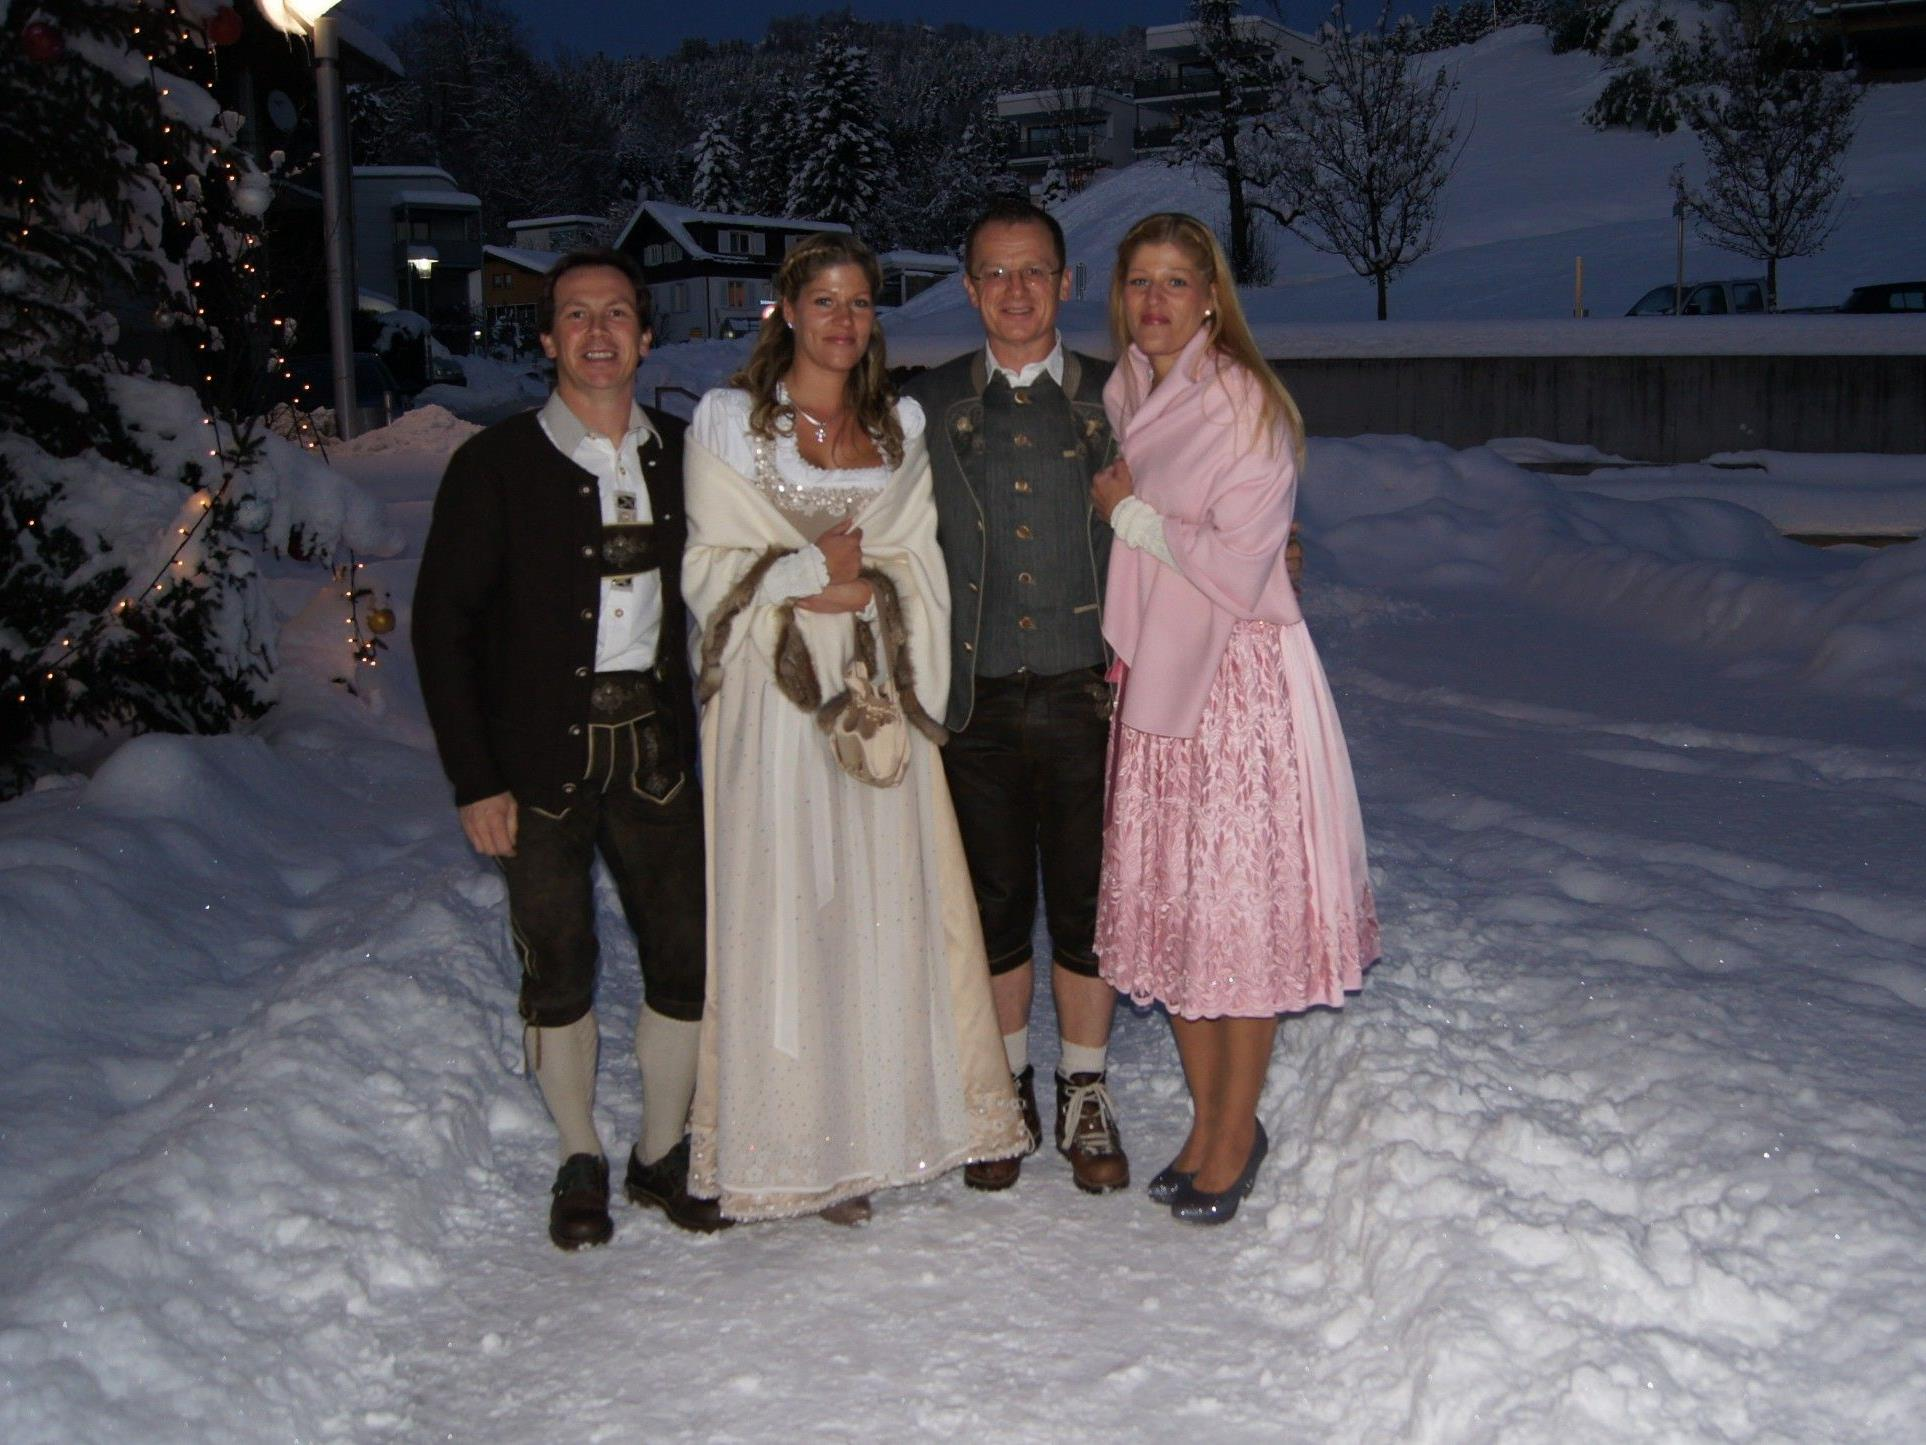 Hochzeit in weihnachtlicher Kulisse am 12. 12. 12